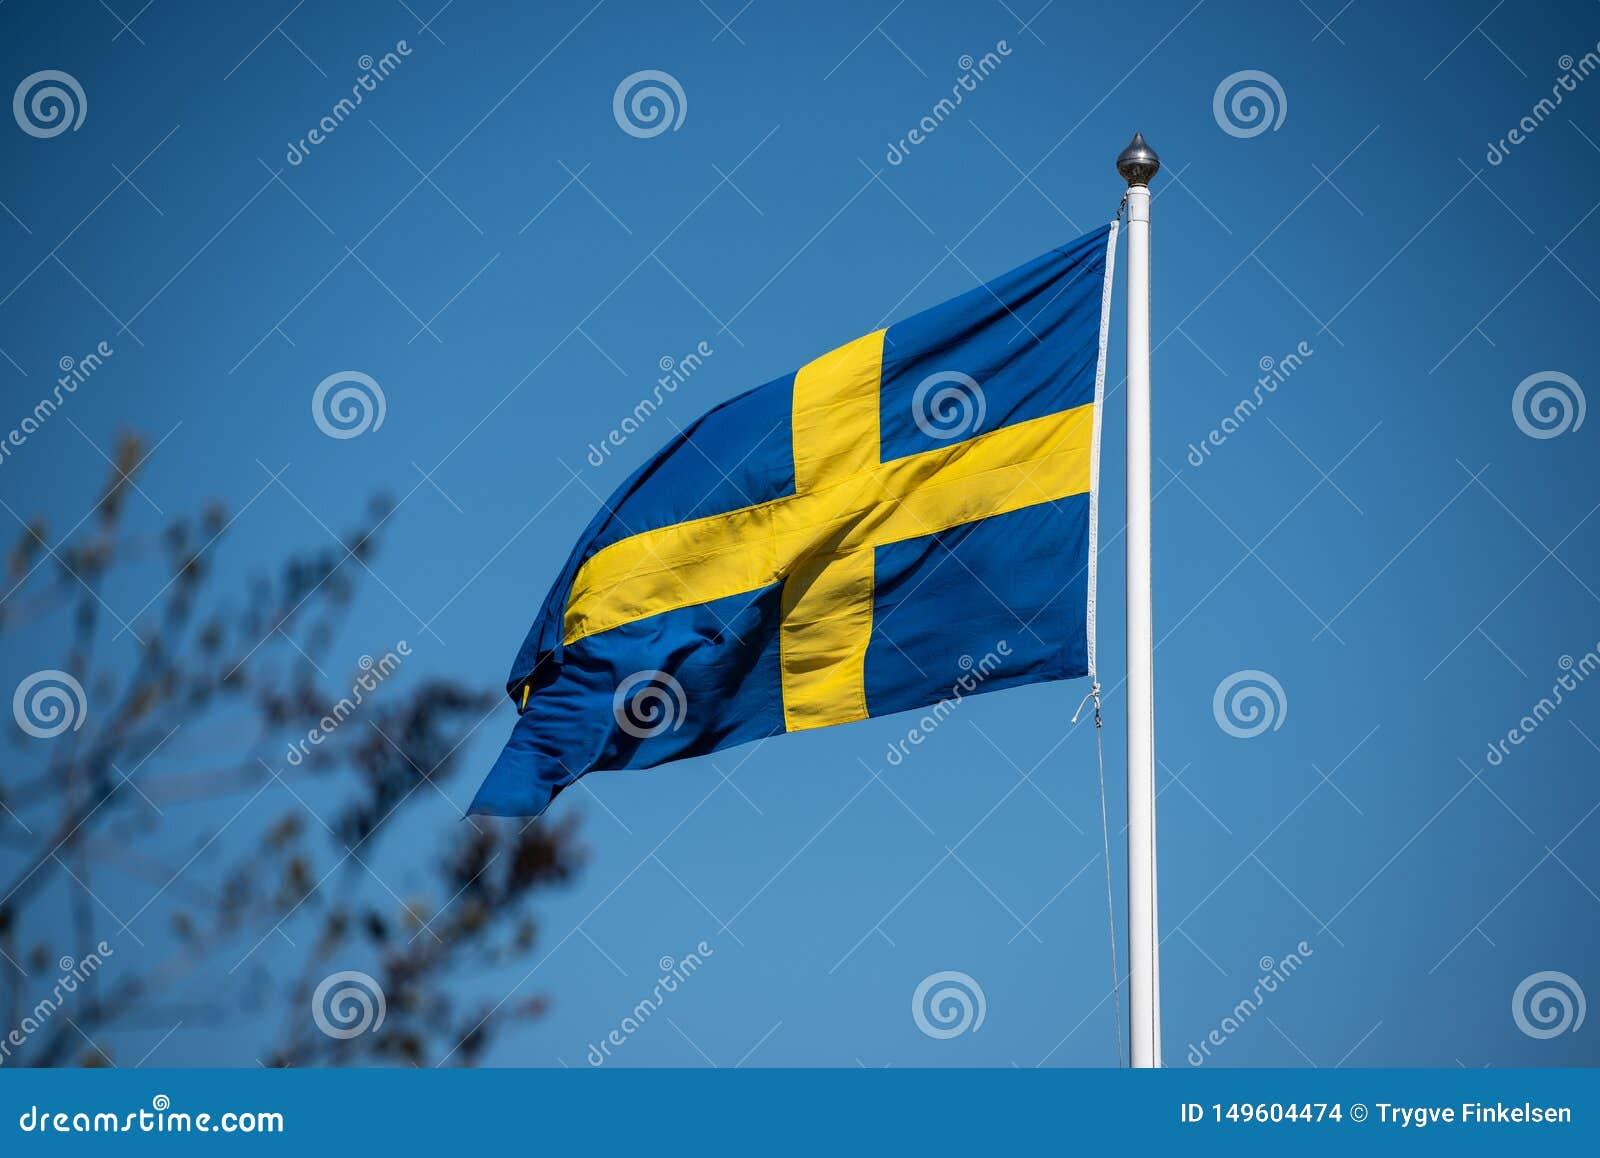 Swedish flag on a flag pole